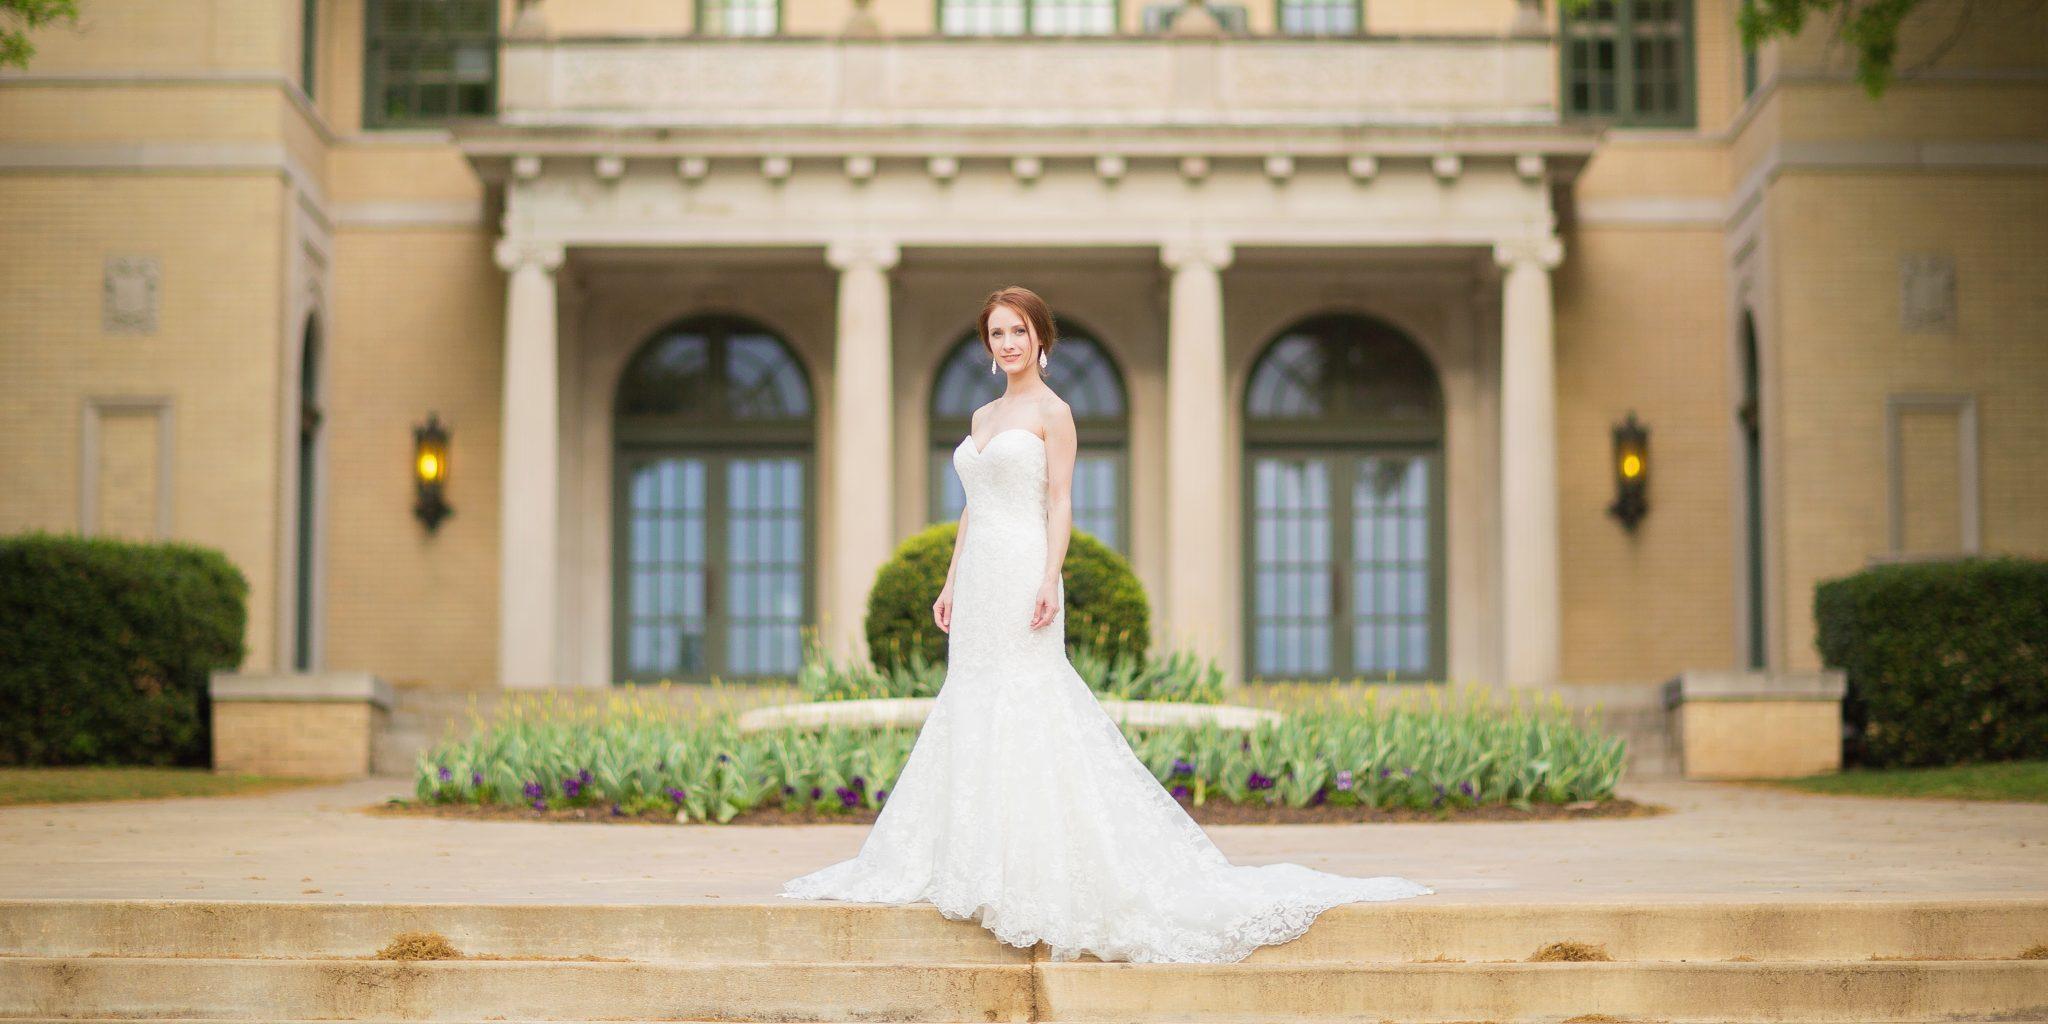 Tulsa Garden Center Wedding Venue Photography Tulsa Wedding